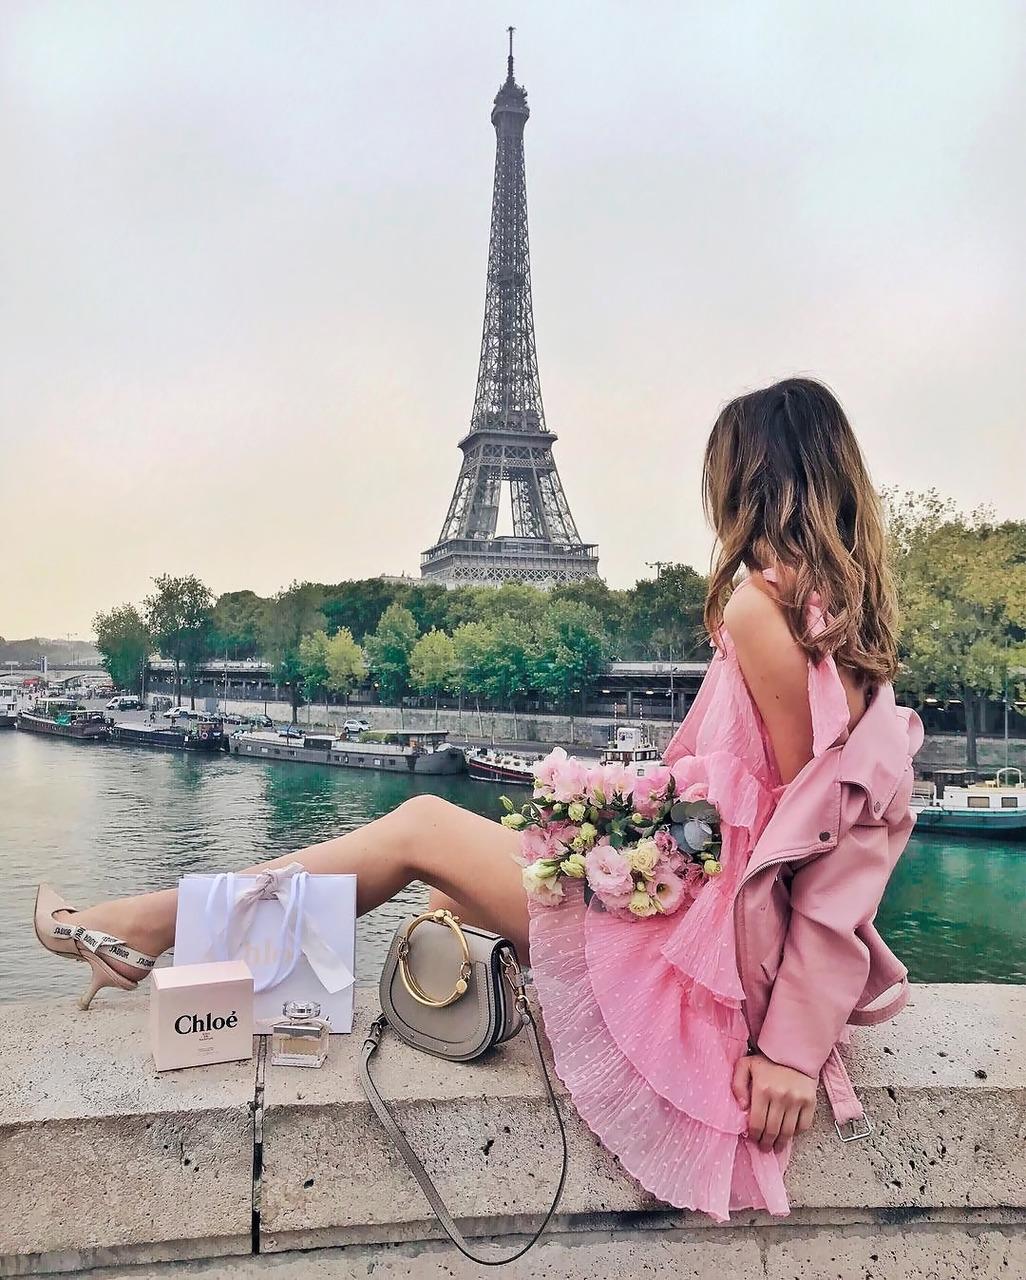 красивые виды парижа и парижанок фото ленты